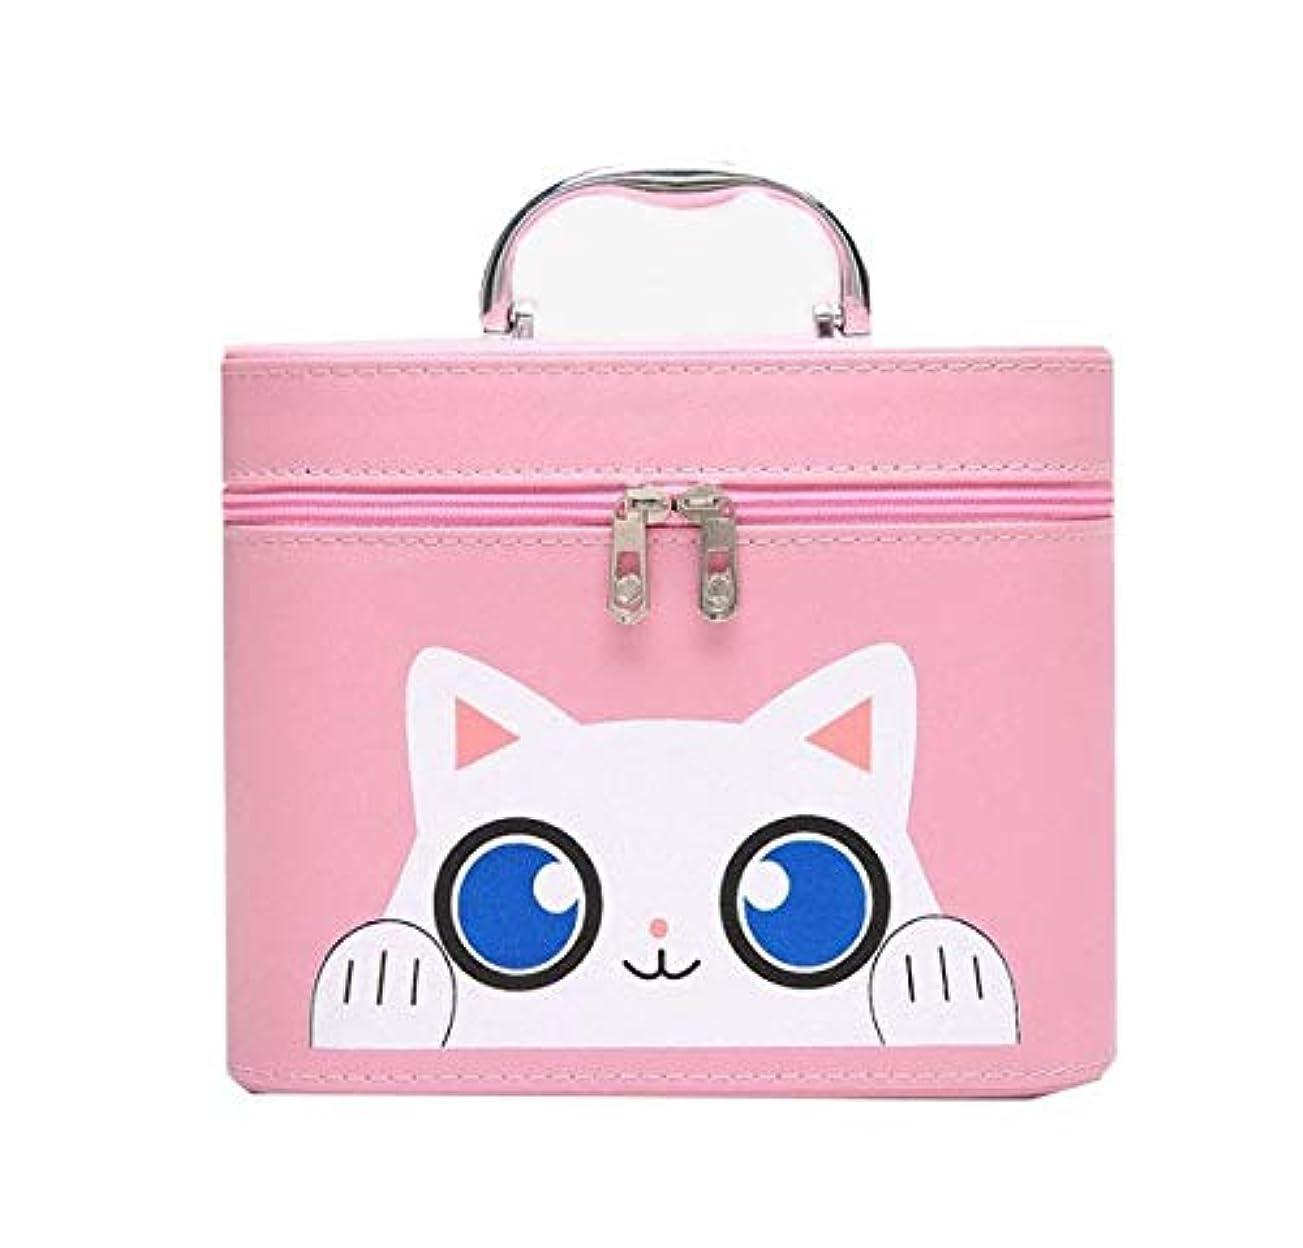 衝突コース好ましい染料化粧箱、大容量漫画猫化粧品ケース、ポータブル旅行化粧品ケース、美容ネイルジュエリー収納ボックス (Size : S)